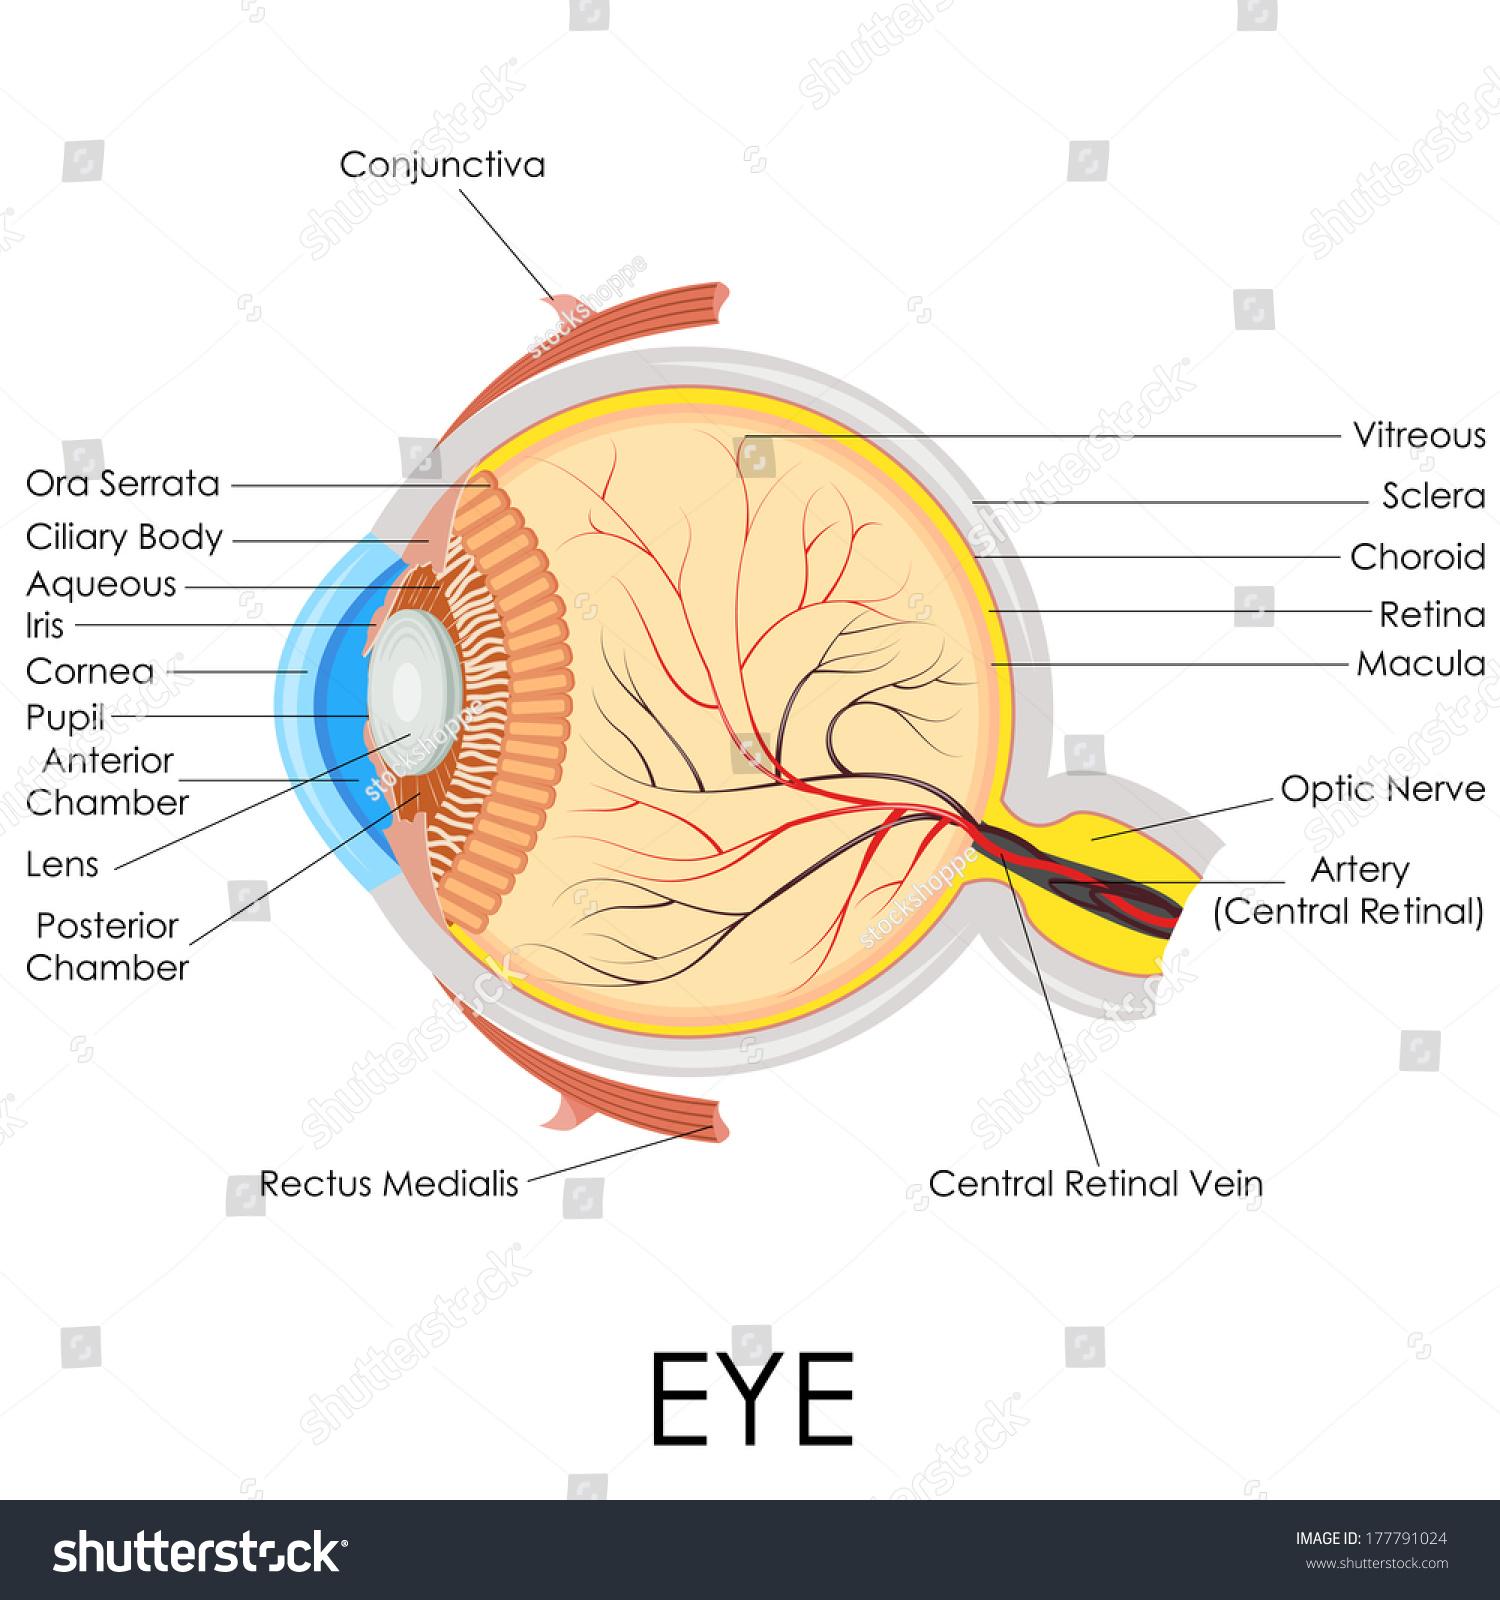 Vector illustration diagram human eye anatomy stock vector vector illustration of diagram of human eye anatomy pooptronica Image collections